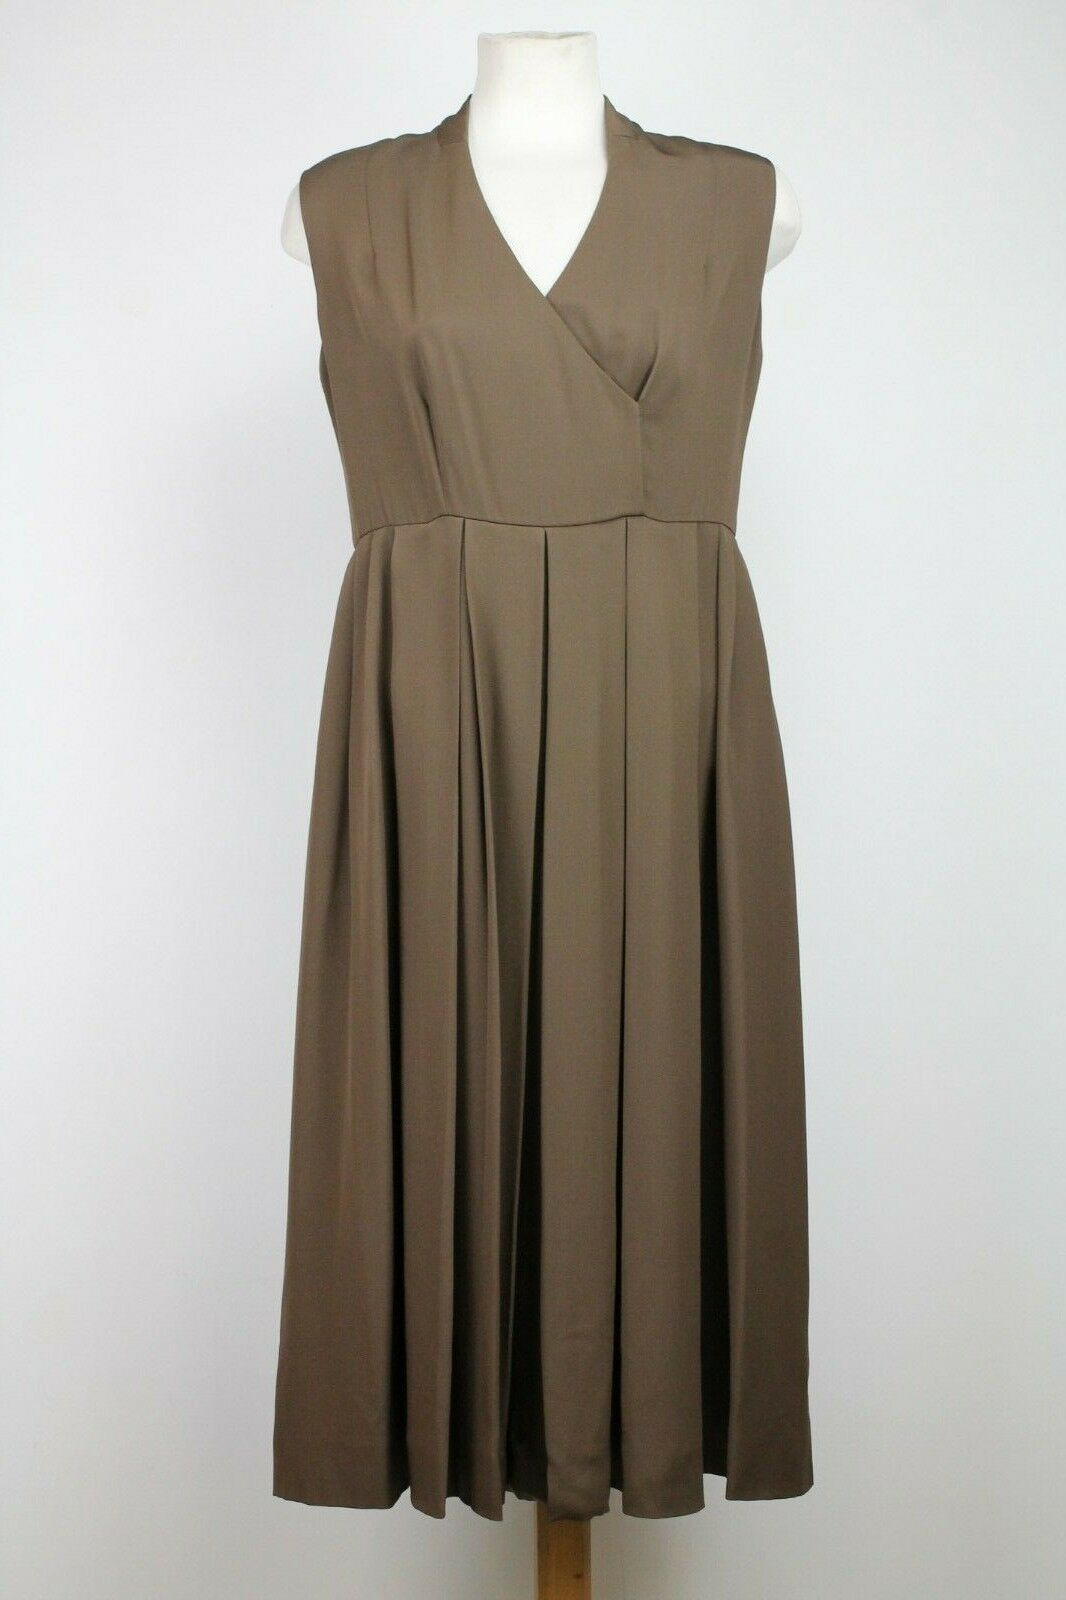 St.John Braun Metallic Wolle Seidenkleid, Größe 6